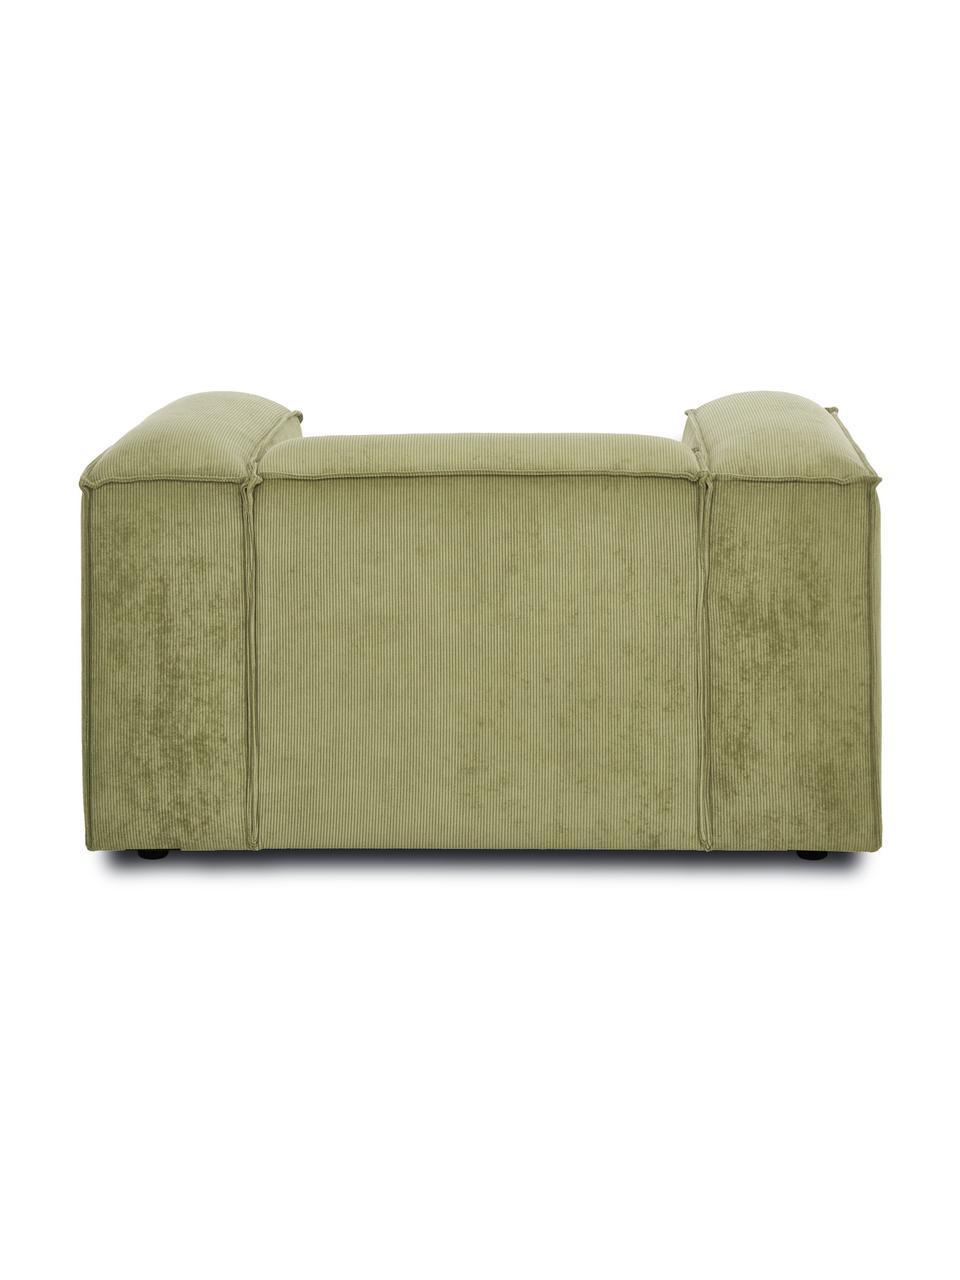 Fotel ze sztruksu Lennon, Tapicerka: sztruks (92% poliester, 8, Stelaż: lite drewno sosnowe, skle, Nogi: tworzywo sztuczne Nogi zn, Sztruksowy zielony, S 130 x G 101 cm